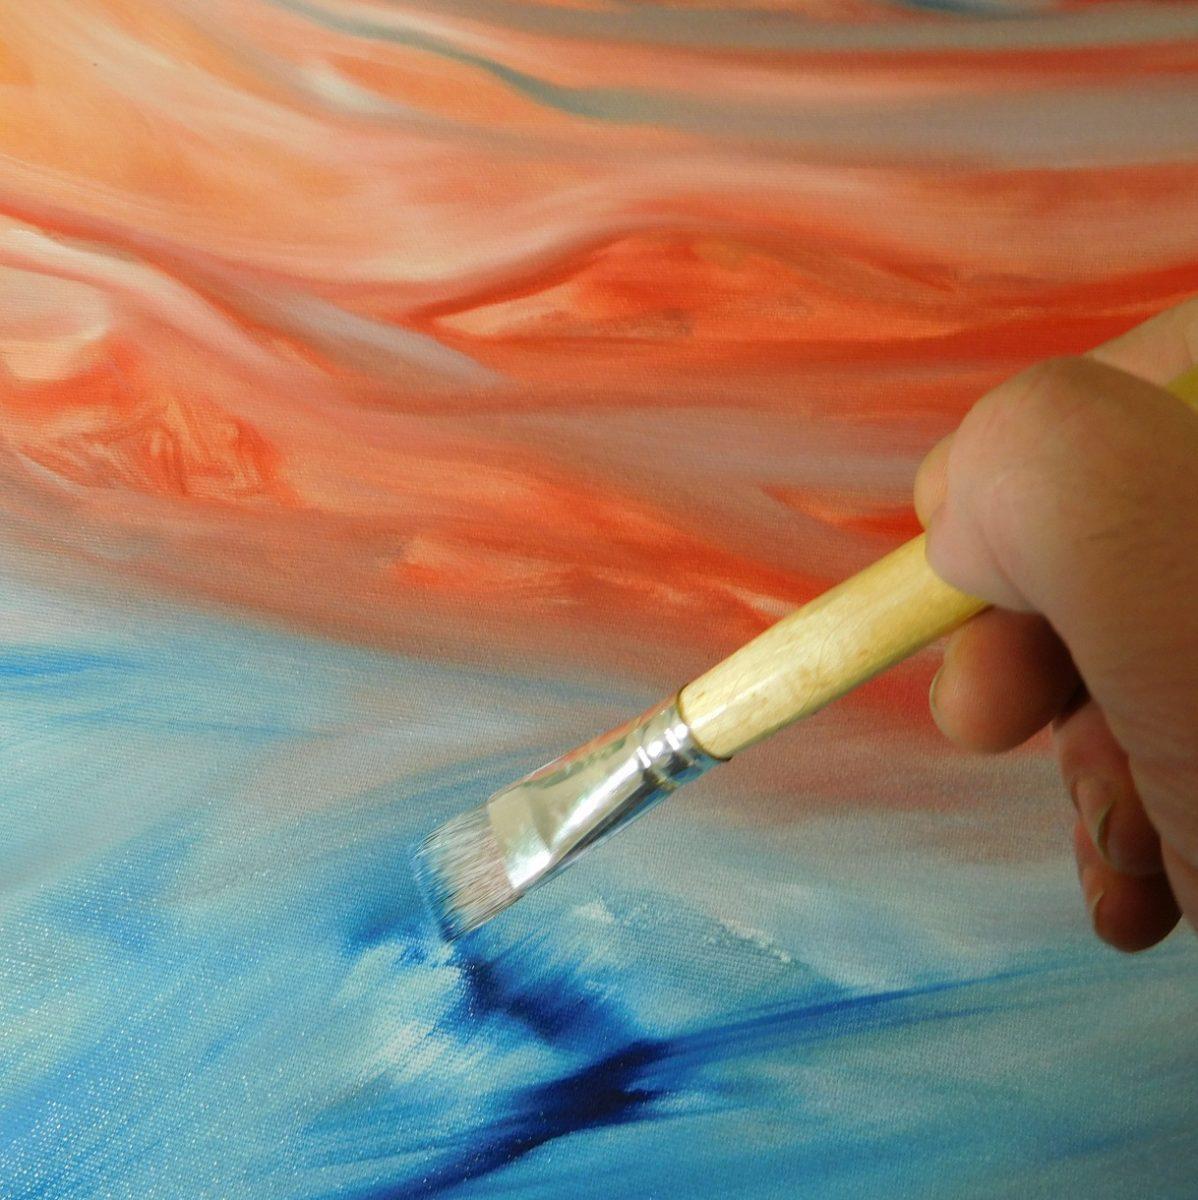 Ispirazioni, idee. Quadri da arredamento dipinti a mano in esemplare unico.